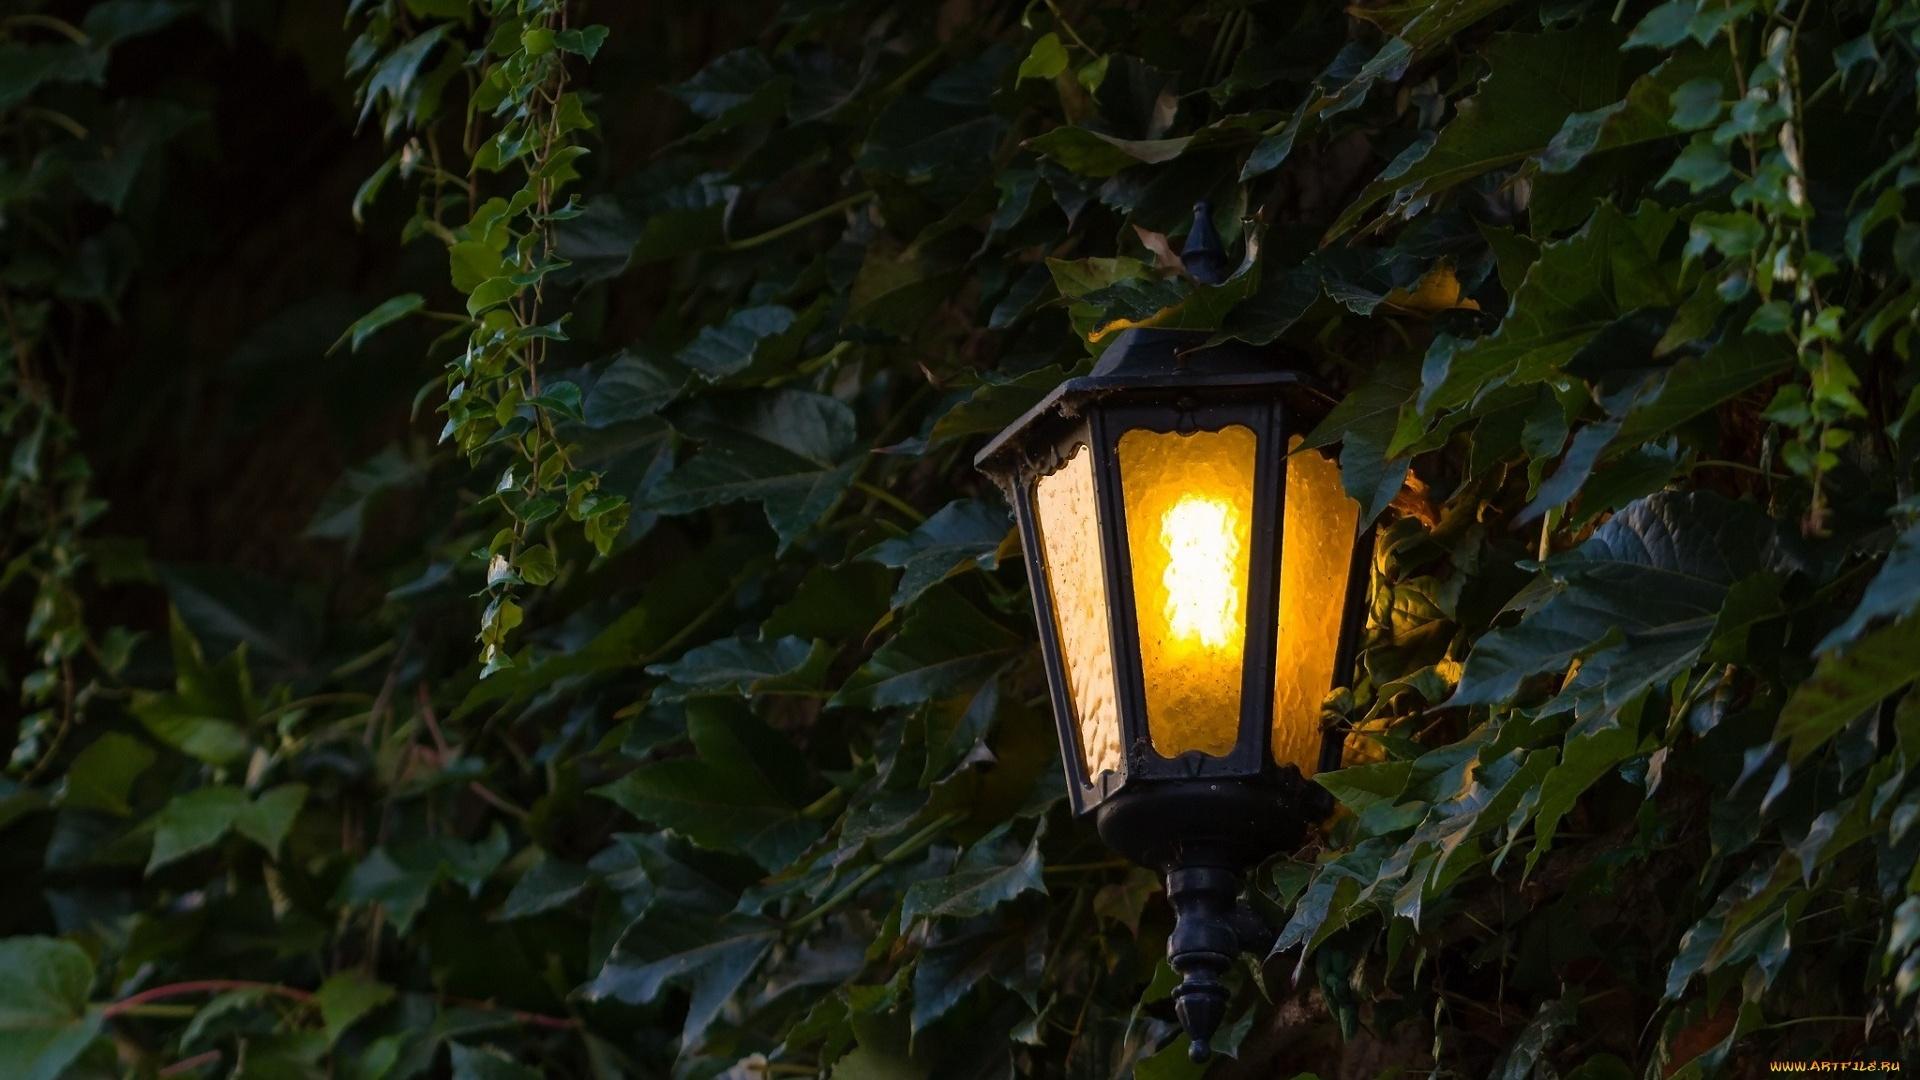 Lantern desktop wallpaper hd